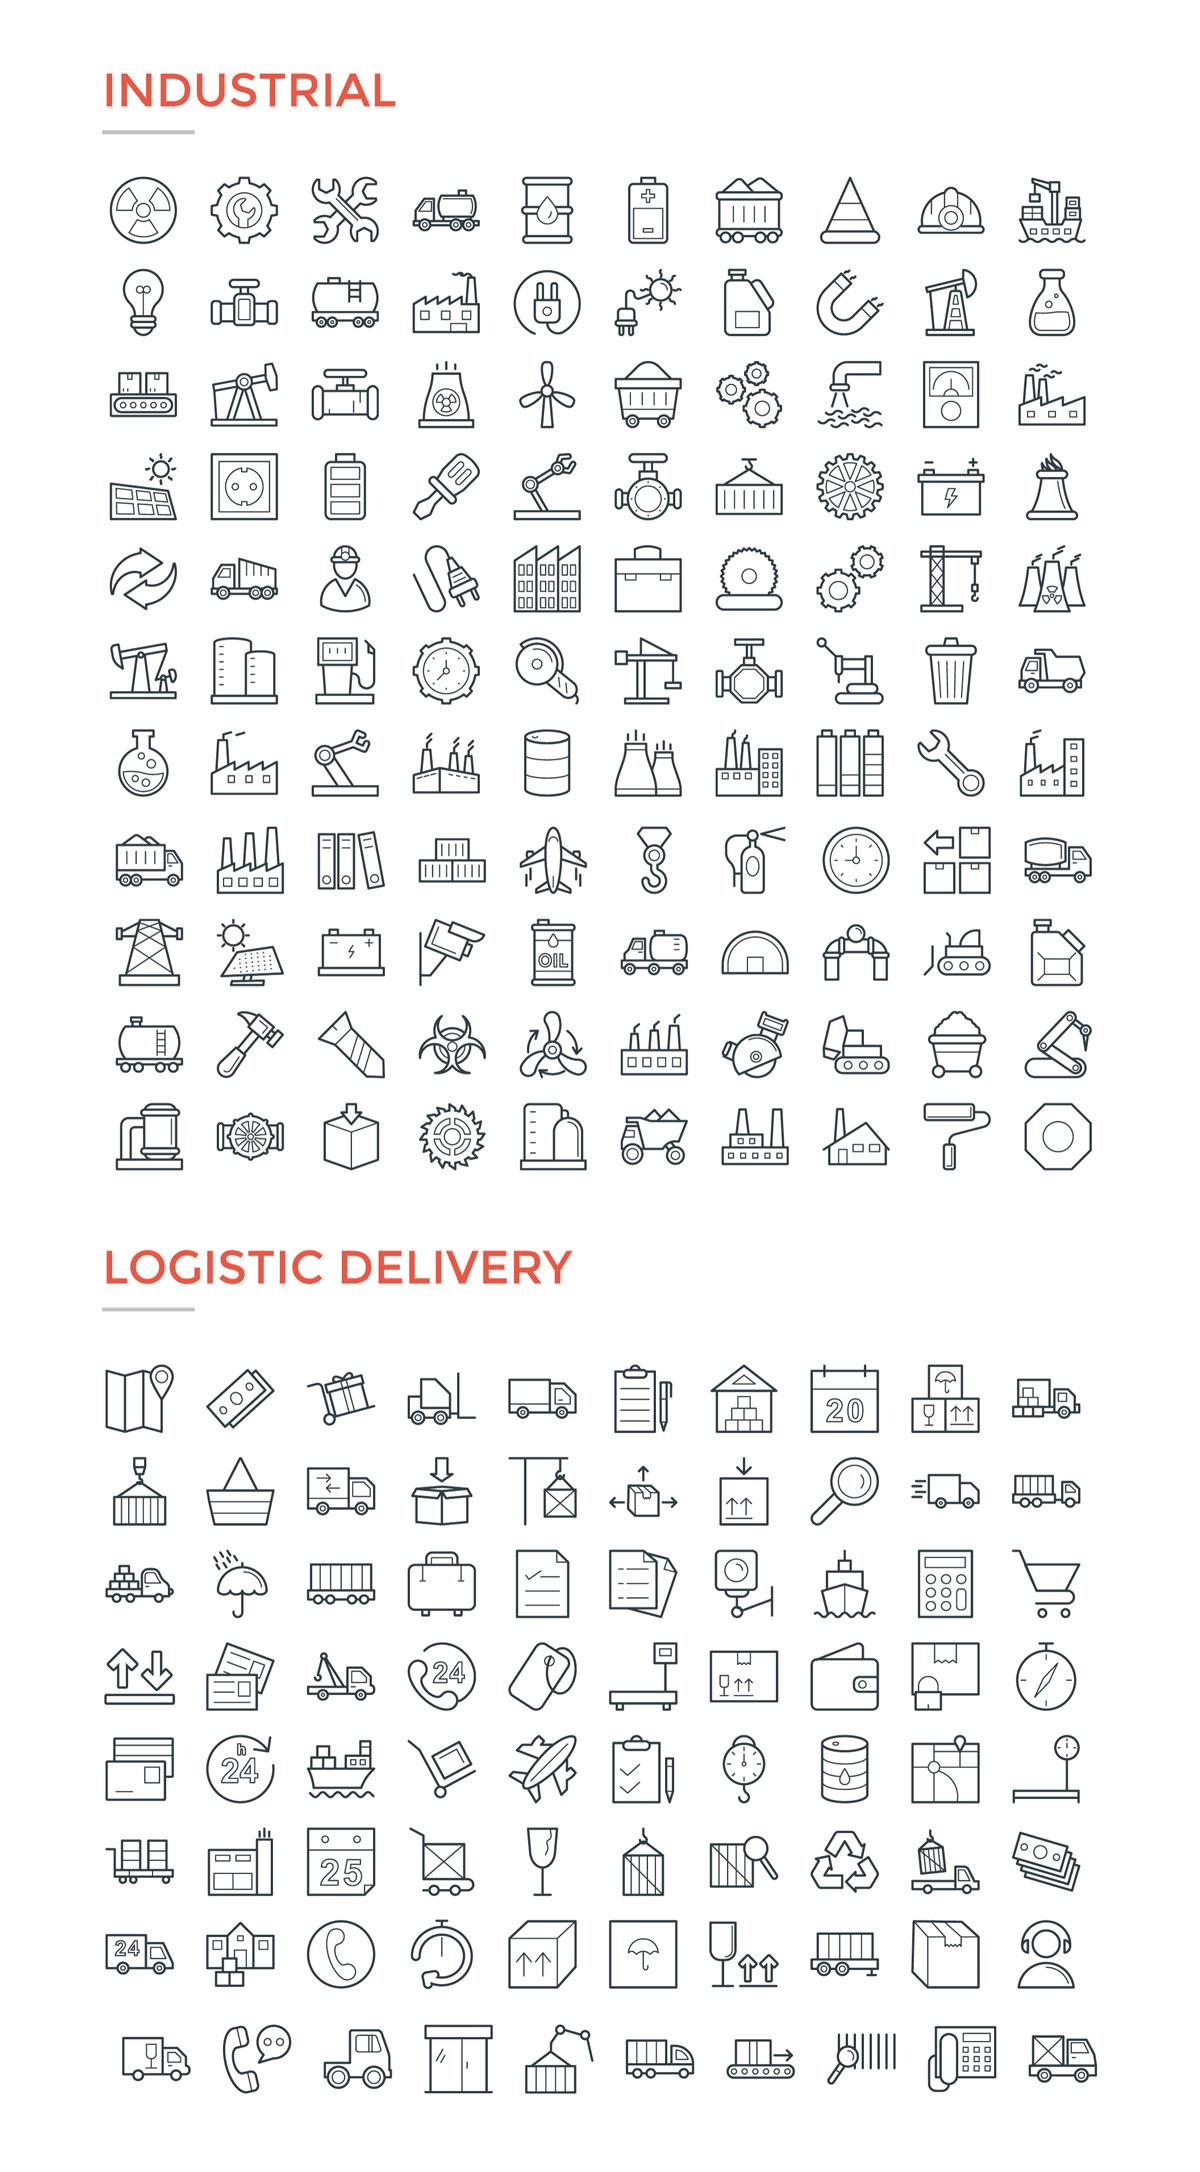 4800款独特的矢量图标合集 4800 Line Icons插图12